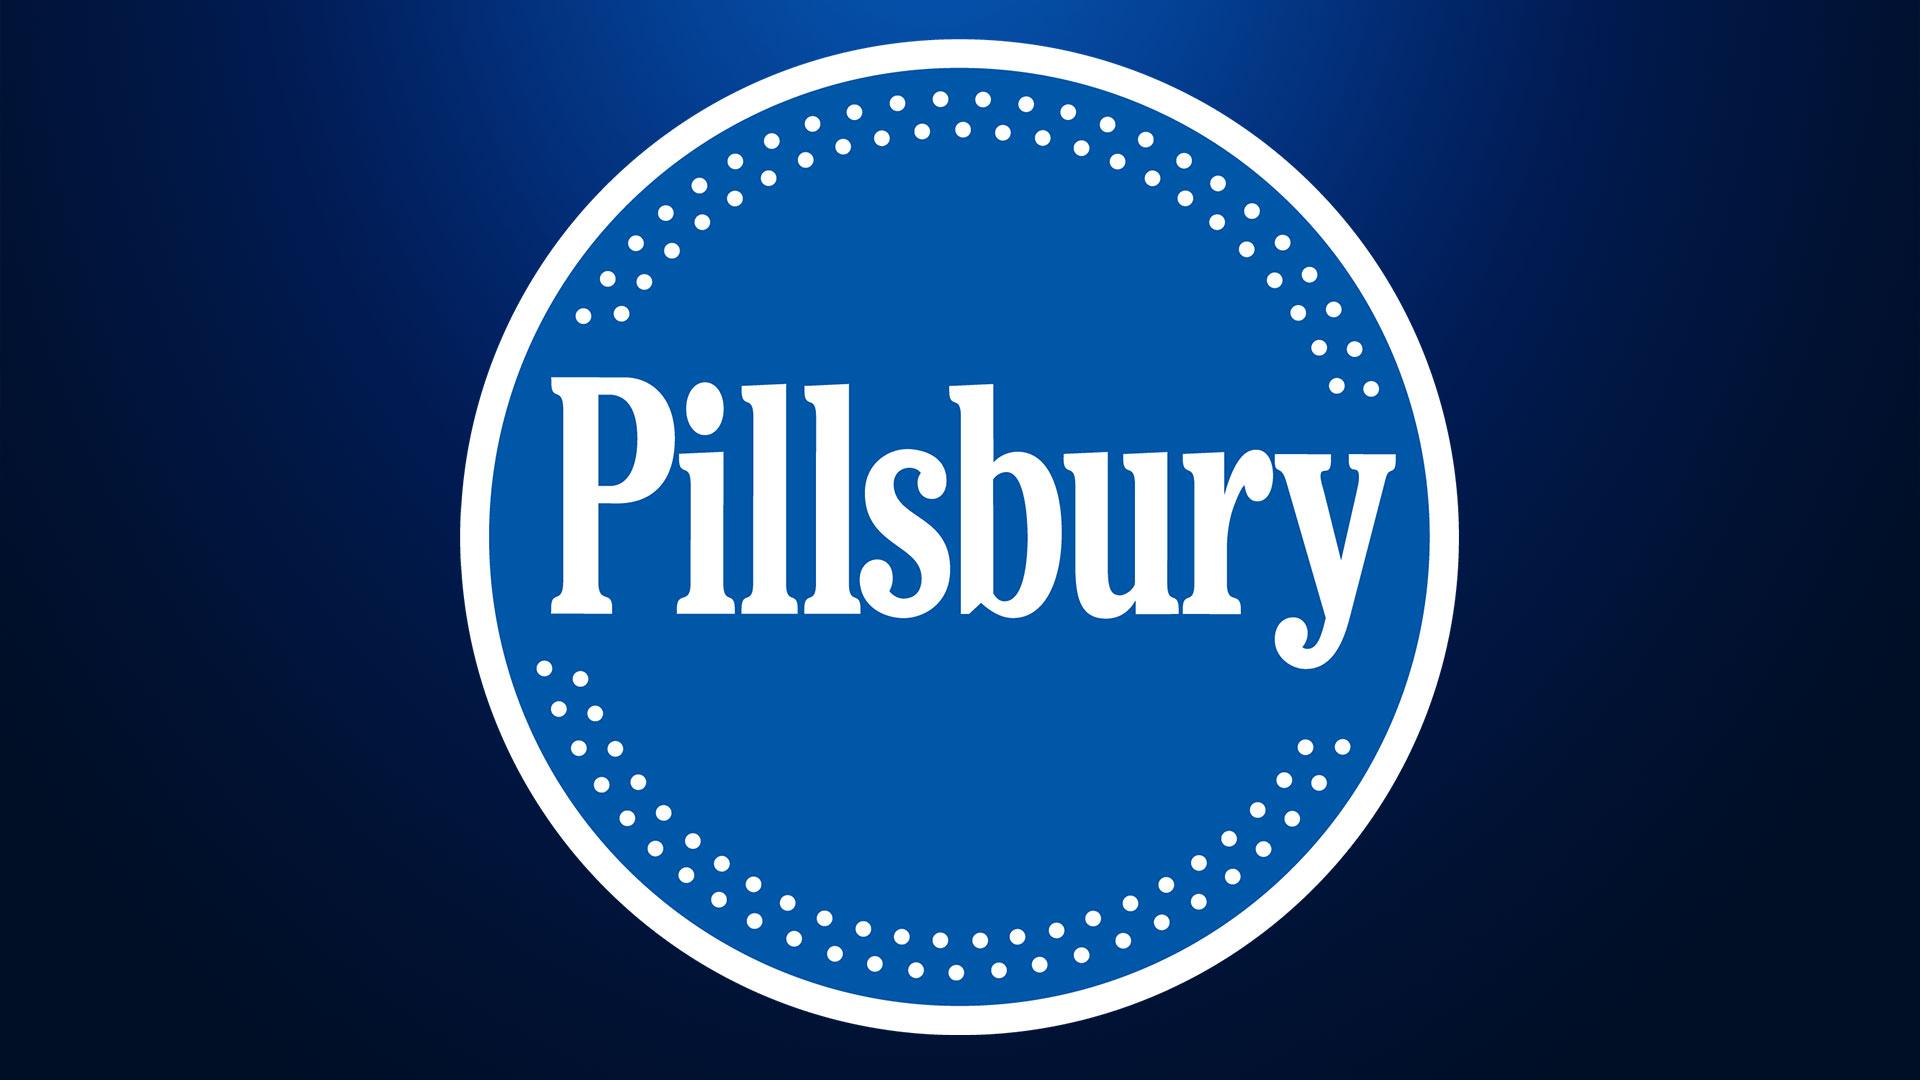 KELO Pillsbury